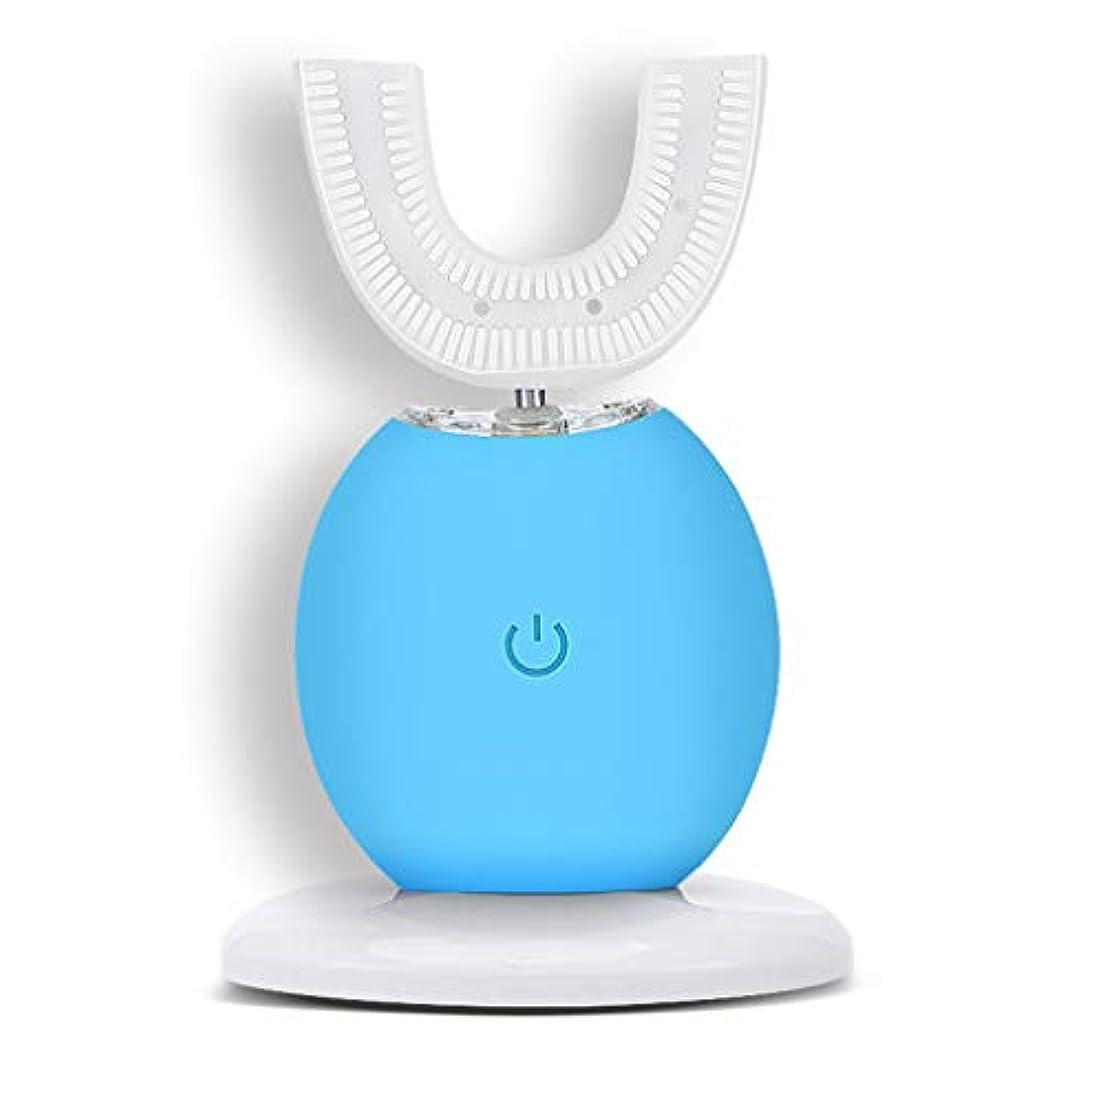 靴下調整するペット自動電動歯ブラシインテリジェント超音波ホワイトニング防水カップルブレース怠惰なブラッシングアーティファクト (色 : 青)